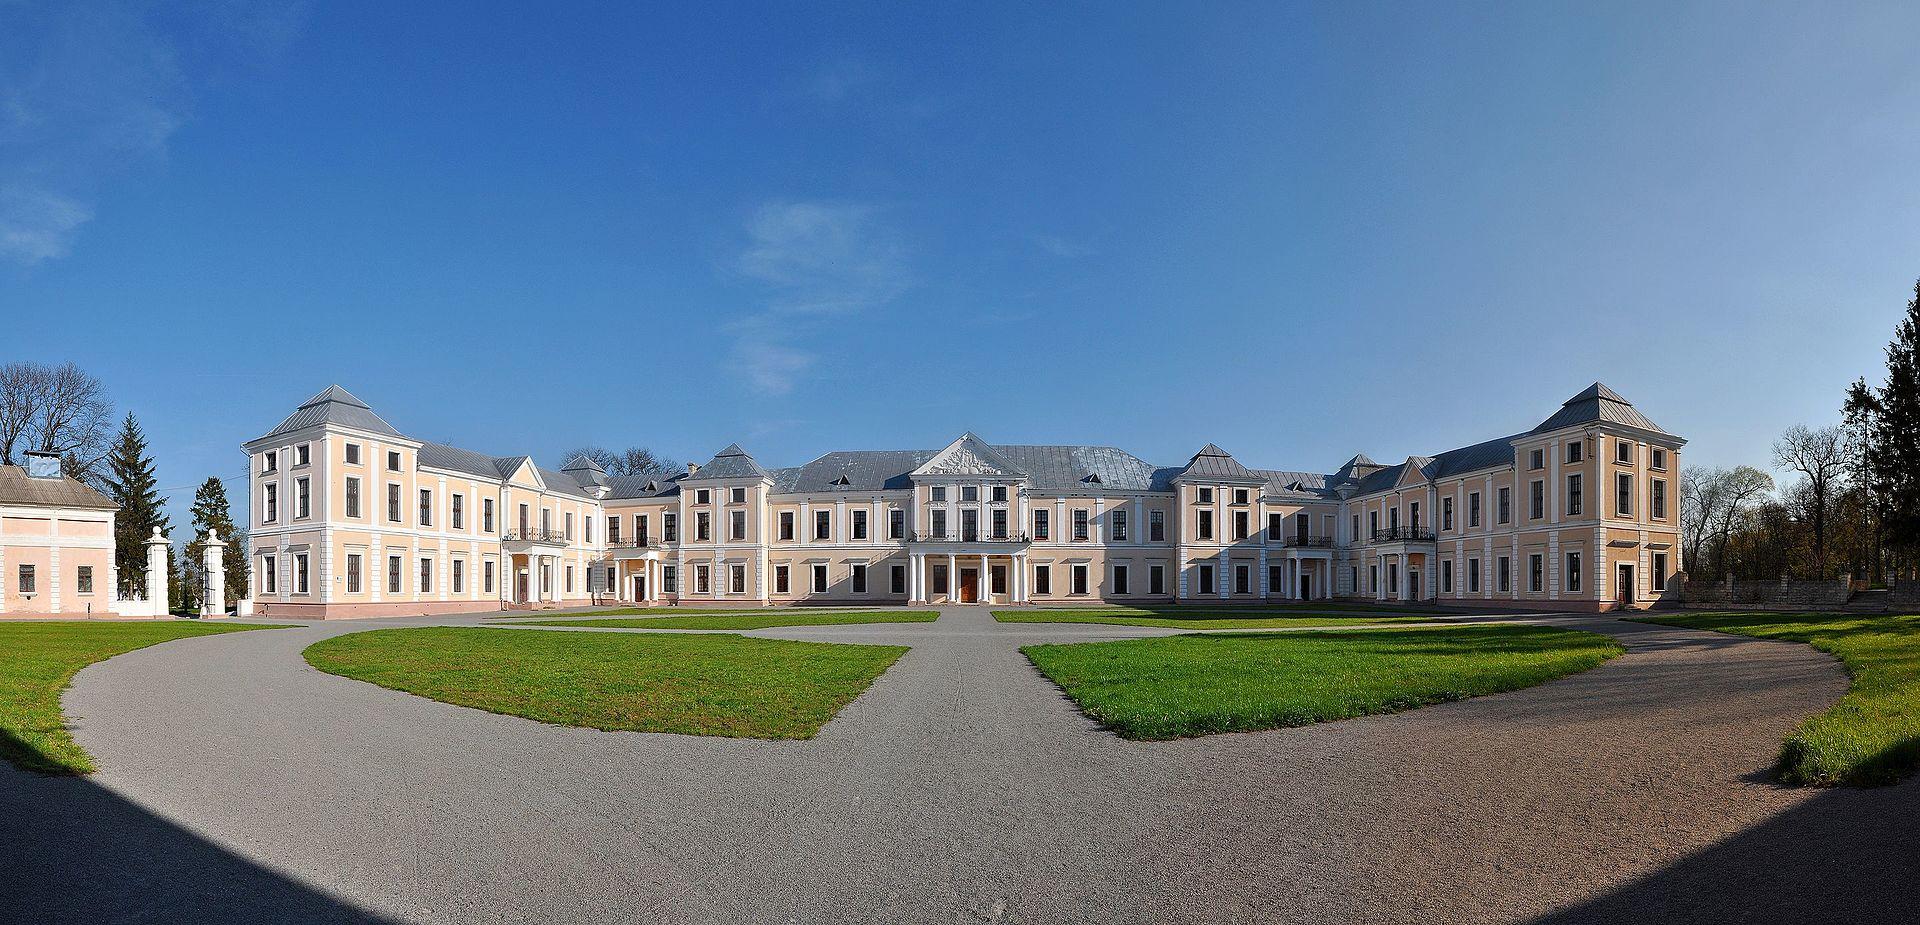 61-224-9002 Vyshnivets Palace RB.jpg